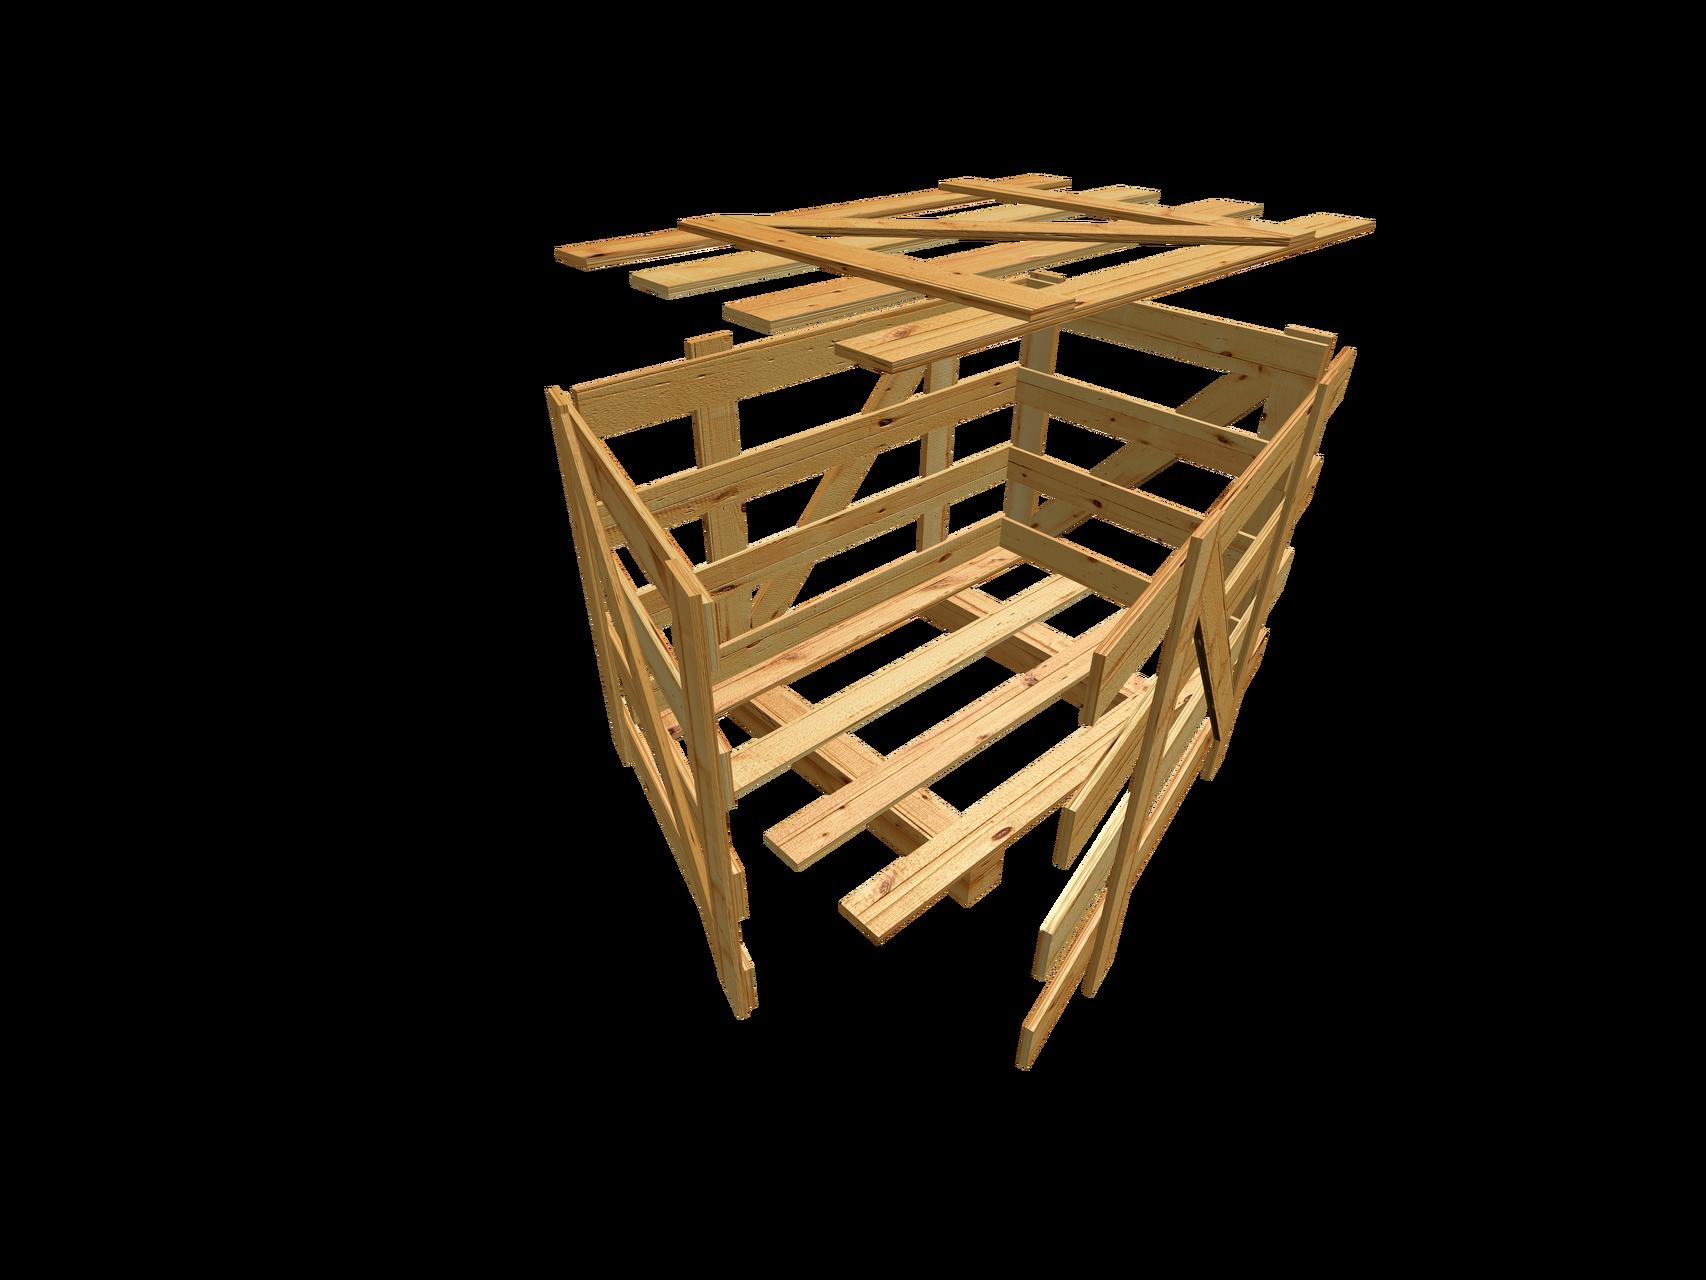 A6 Kopfkranzkiste m. Kopf-, Seiten, Deckelbeleistung u. Diagonalstreben als Verschlag